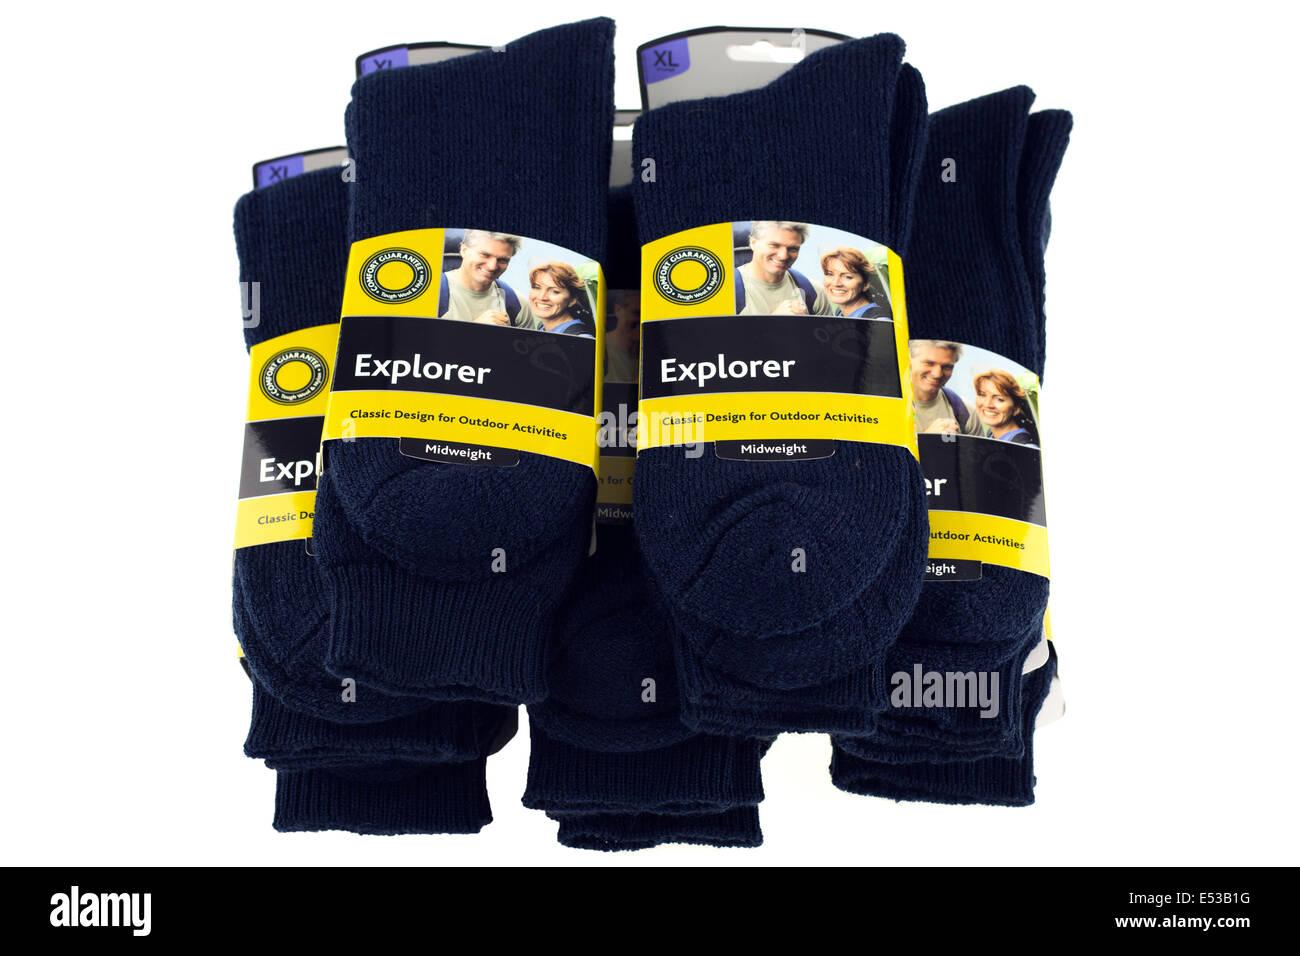 Montón de grande azul mens Bridgedale Explorer pares de calcetines de lana y nylon Imagen De Stock